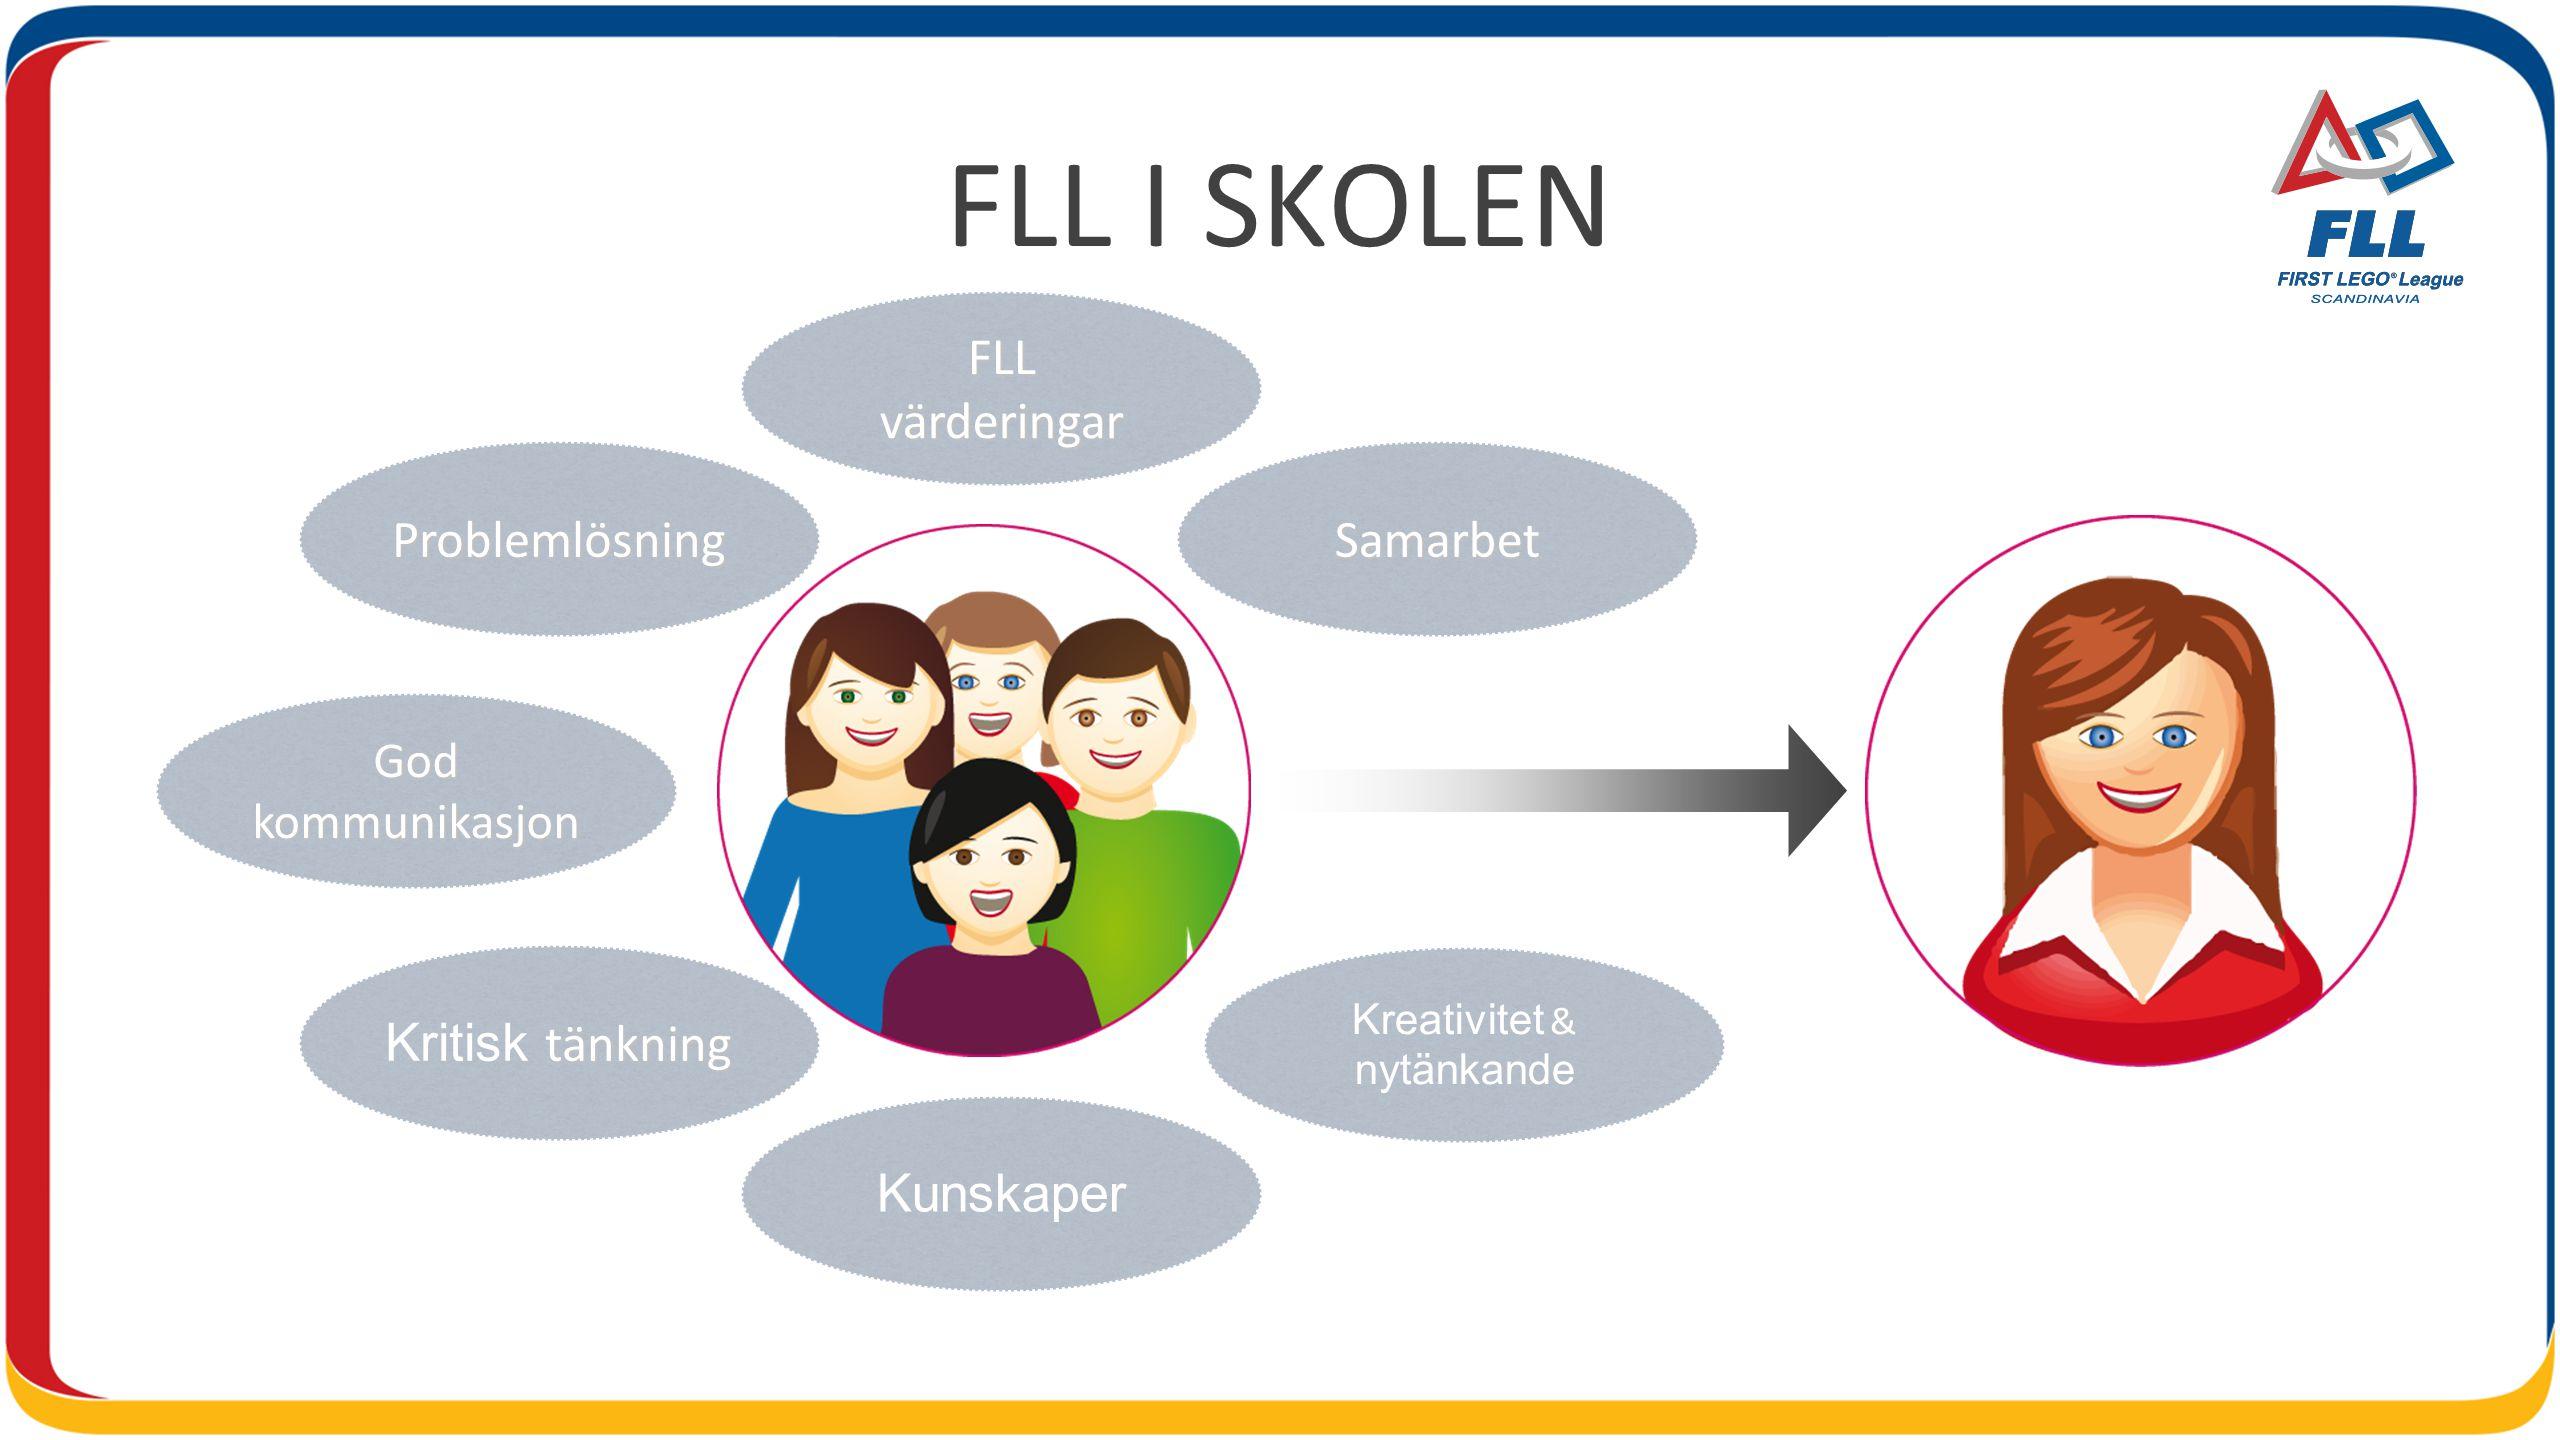 FLL I SKOLEN God kommunikasjon FLLvärderingar & Kreativitet & nytänkande tänkning Kritisk tänkning Kunskaper ProblemlösningSamarbet